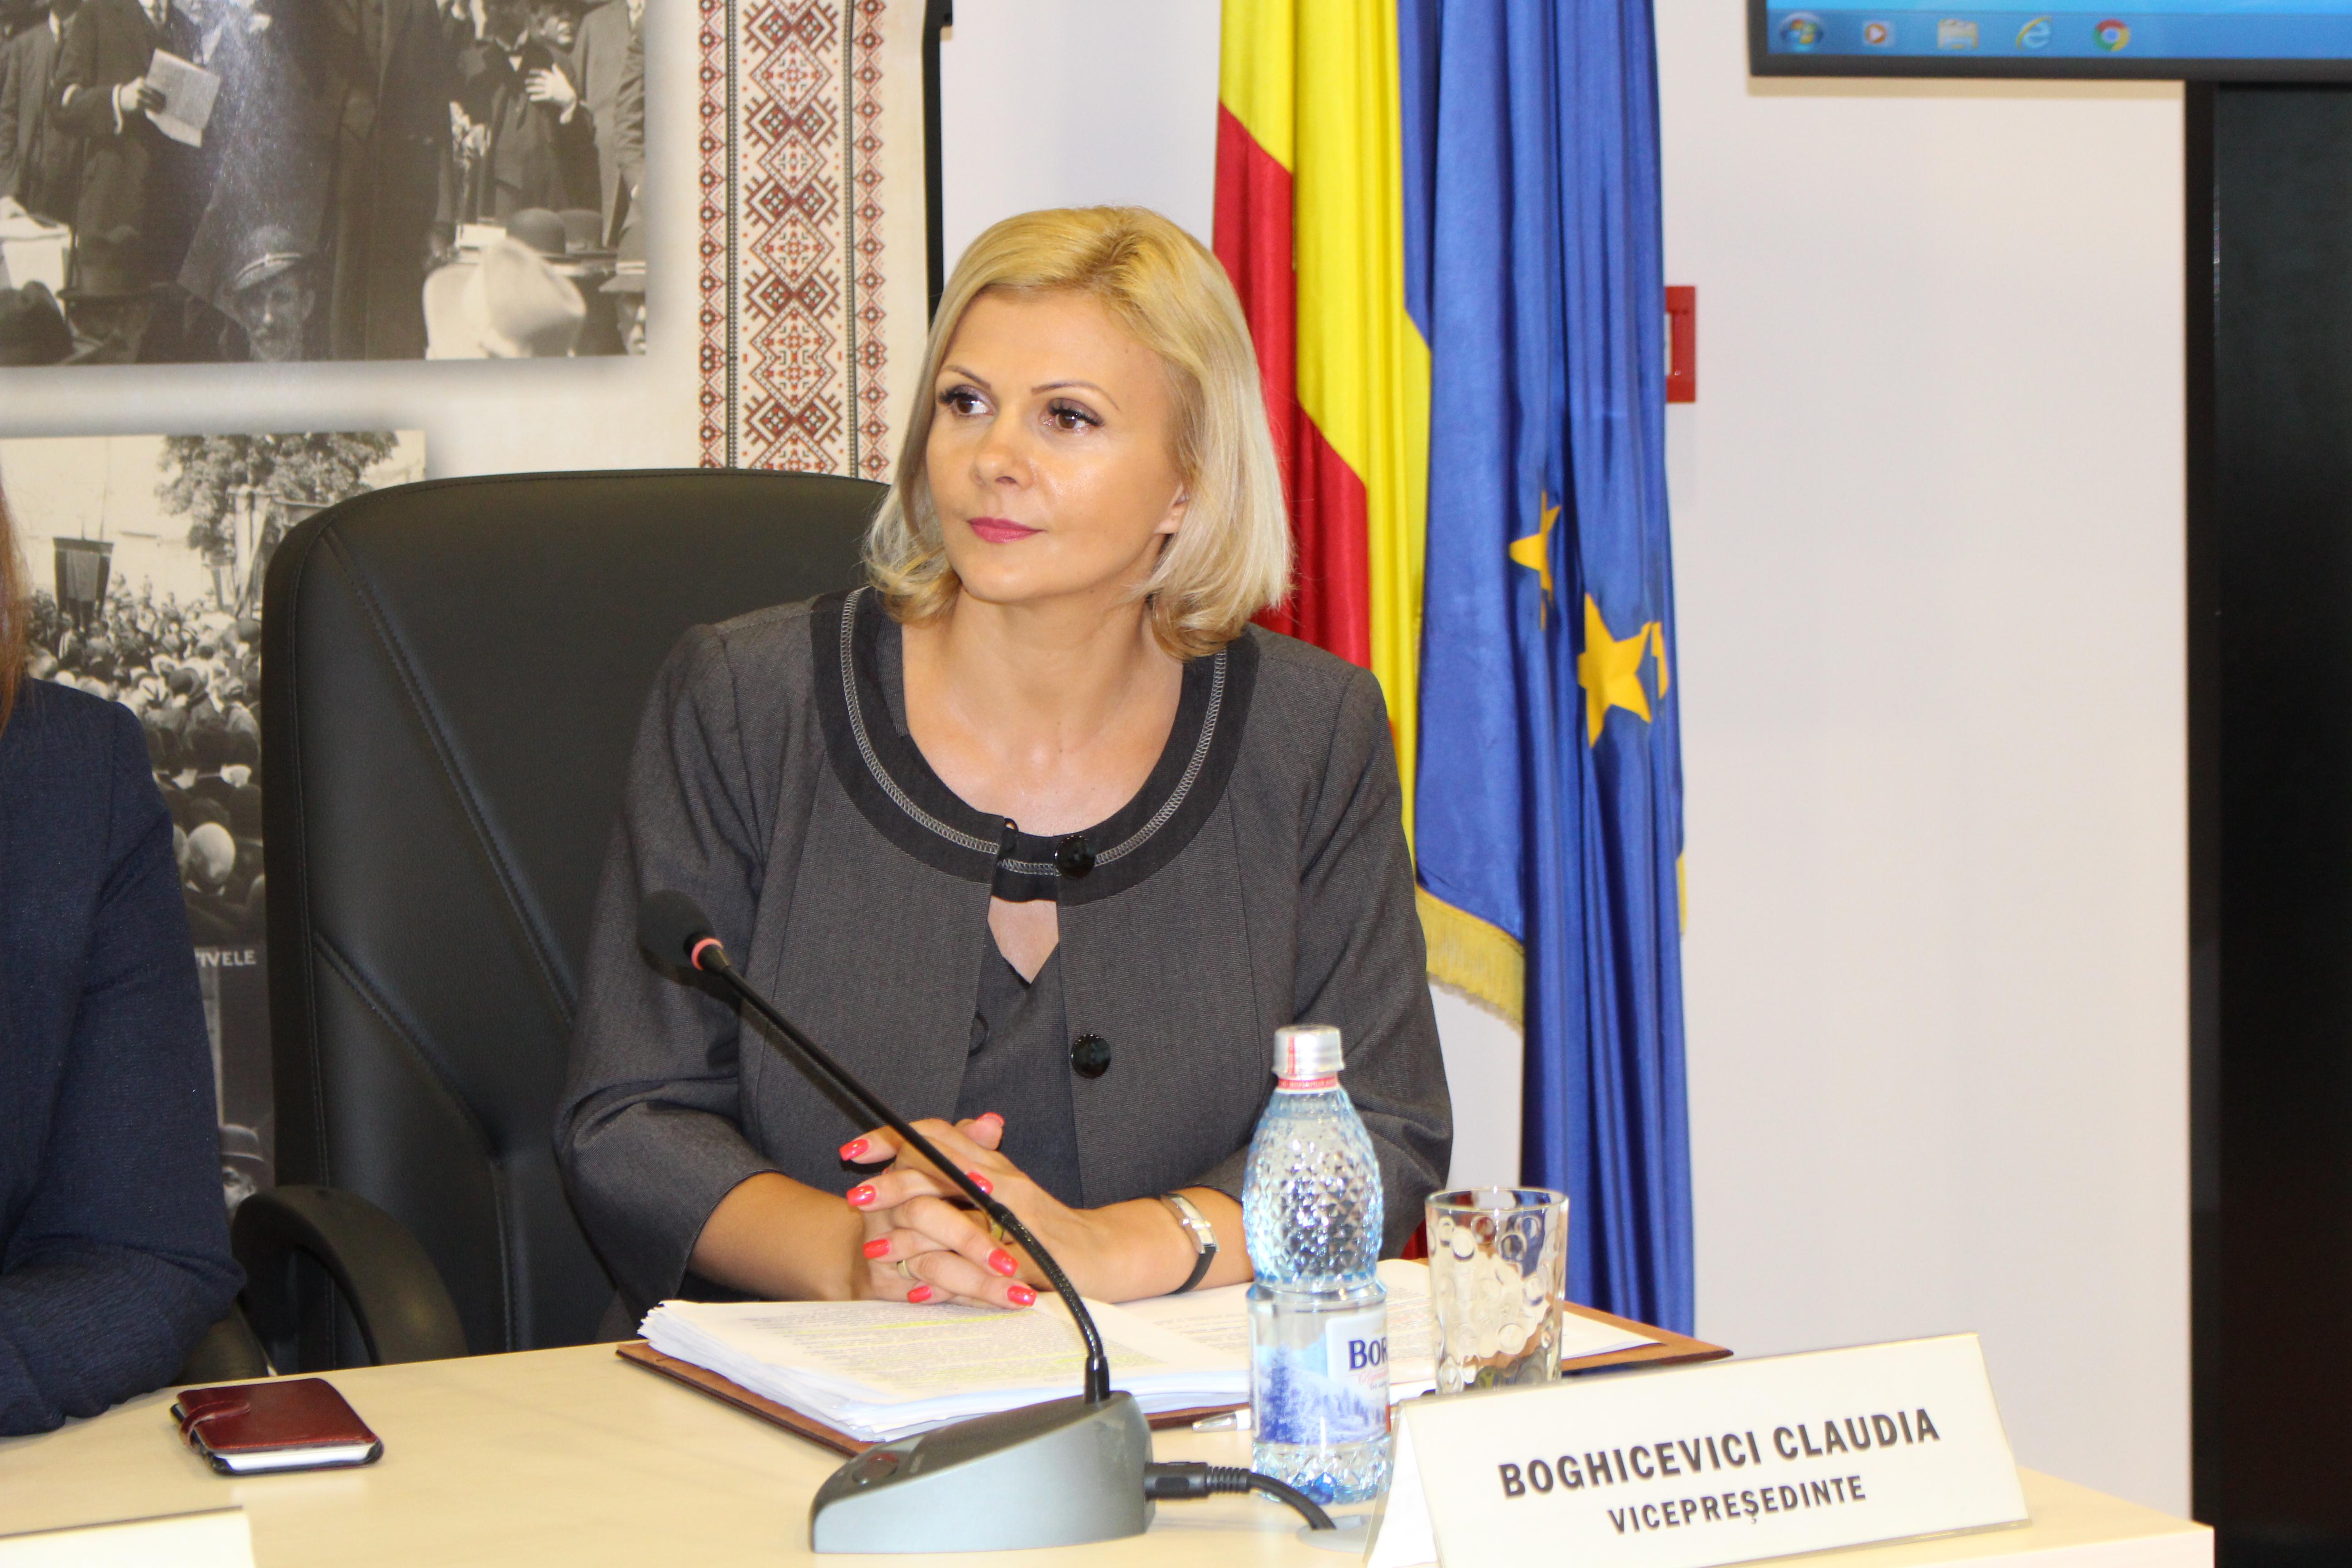 """Consiliul Judeţean Arad, în parteneriat cu Federaţia Plus, Federaţia Organizaţiilor Neguvernamentale pentru Servicii Sociale,  Federaţia Organizaţiilor Neguvernamentale pentru Copil şi Universitatea """"Aurel Vlaicu"""" a organizat, în perioada 4-5 iunie, la iniţiativa Claudiei Boghicevici, vicepreşedinte al Consiliului Judeţean Arad, o conferinţă având ca temă serviciile sociale şi achiziţionarea acestora."""